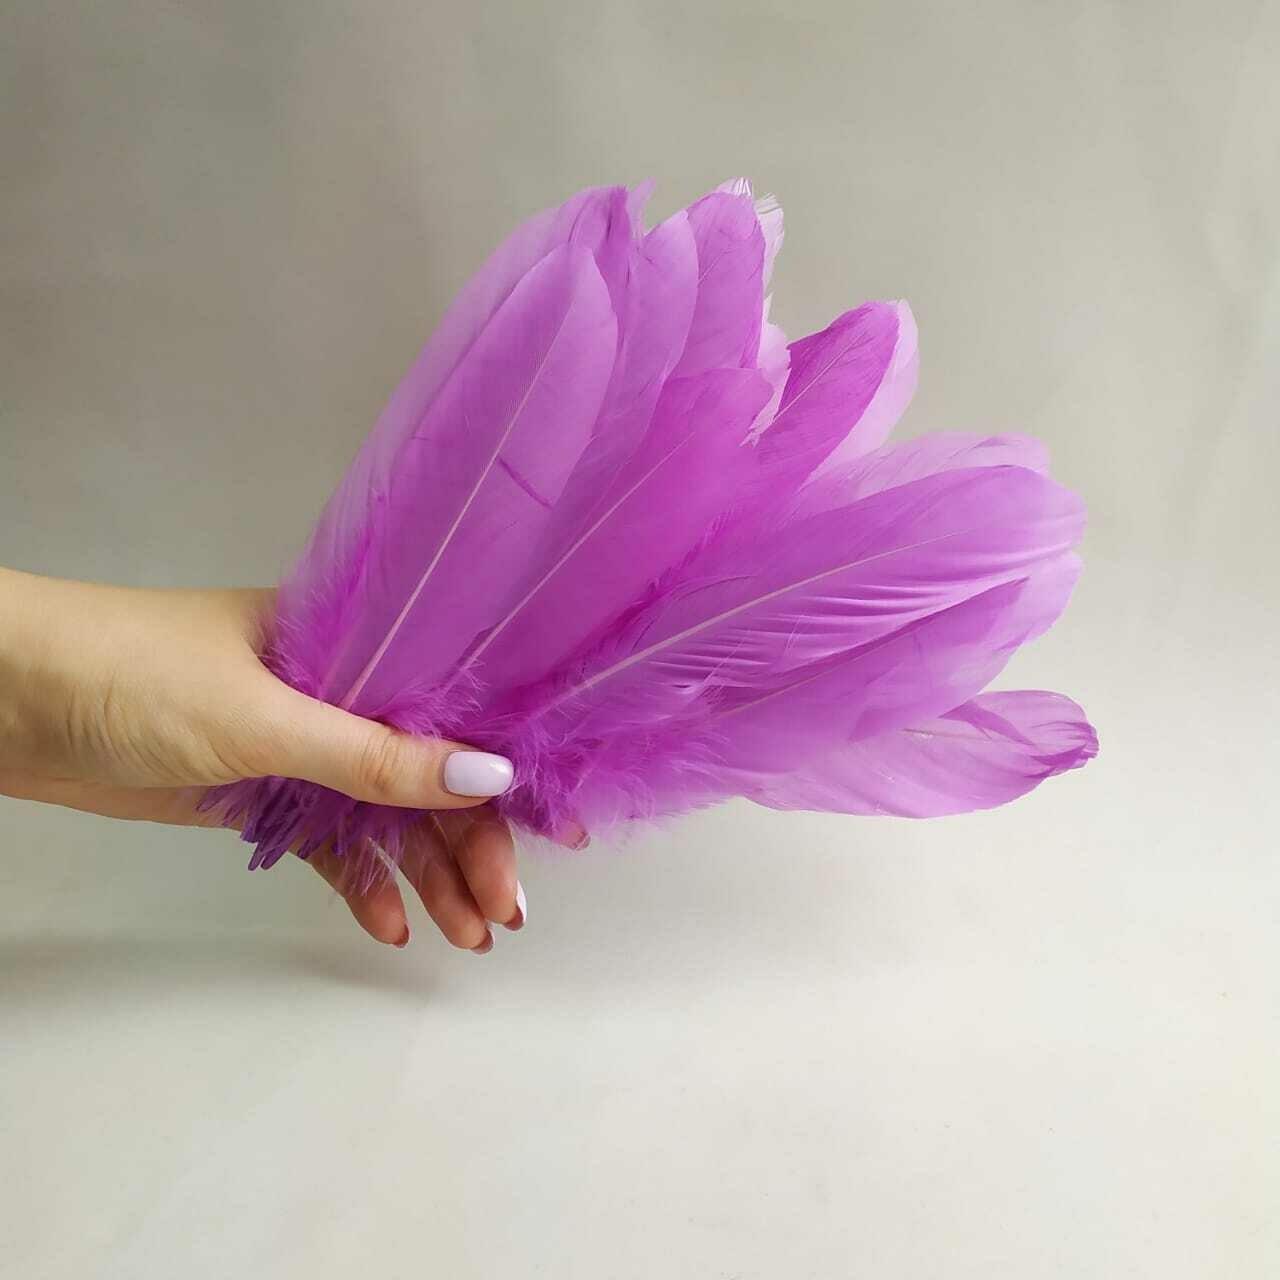 Гусиные перья лавандовые 2 сорт 20 шт.